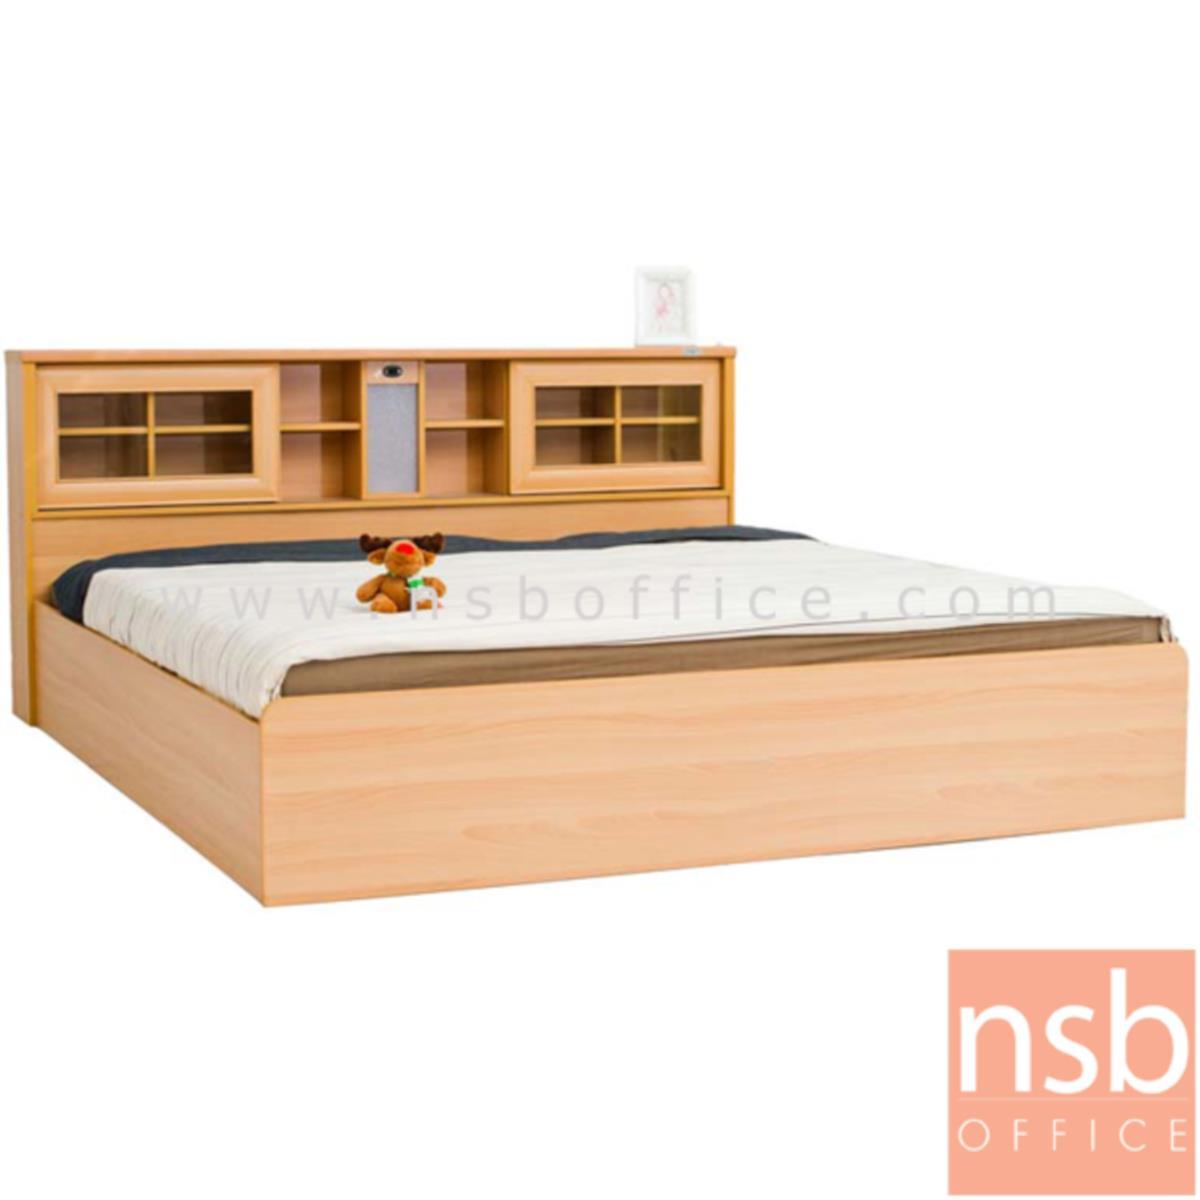 CL30477:เตียงนอนไม้ รุ่น NSB-SARIKA ขนาด 5ฟุต (มีสต๊อก 5 ชุด สีบีช)